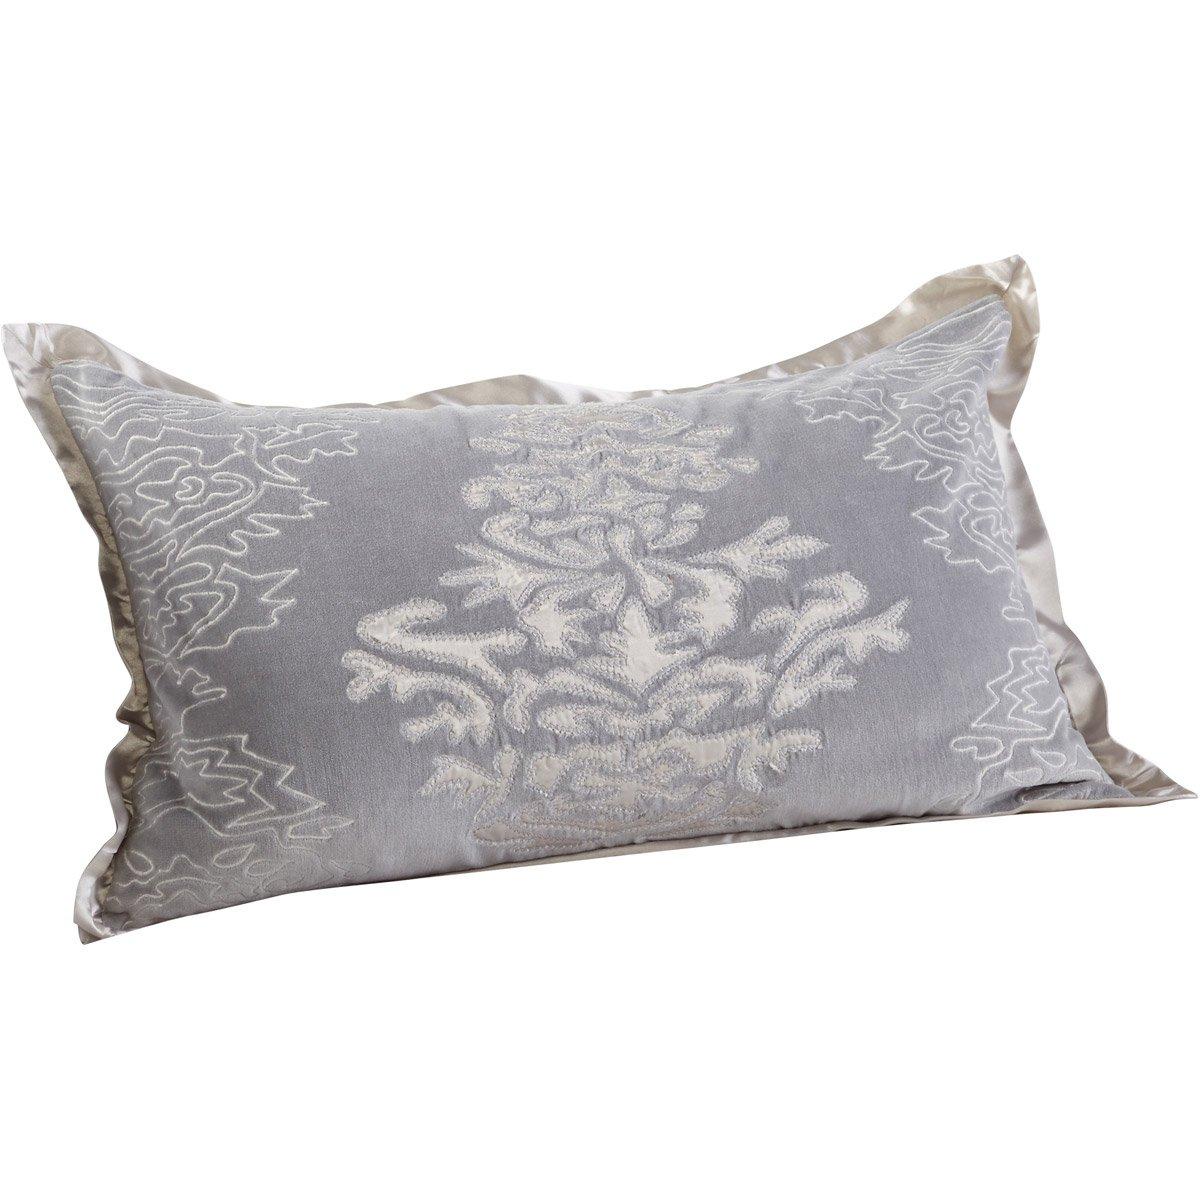 Cyan Design Drachen Pillows